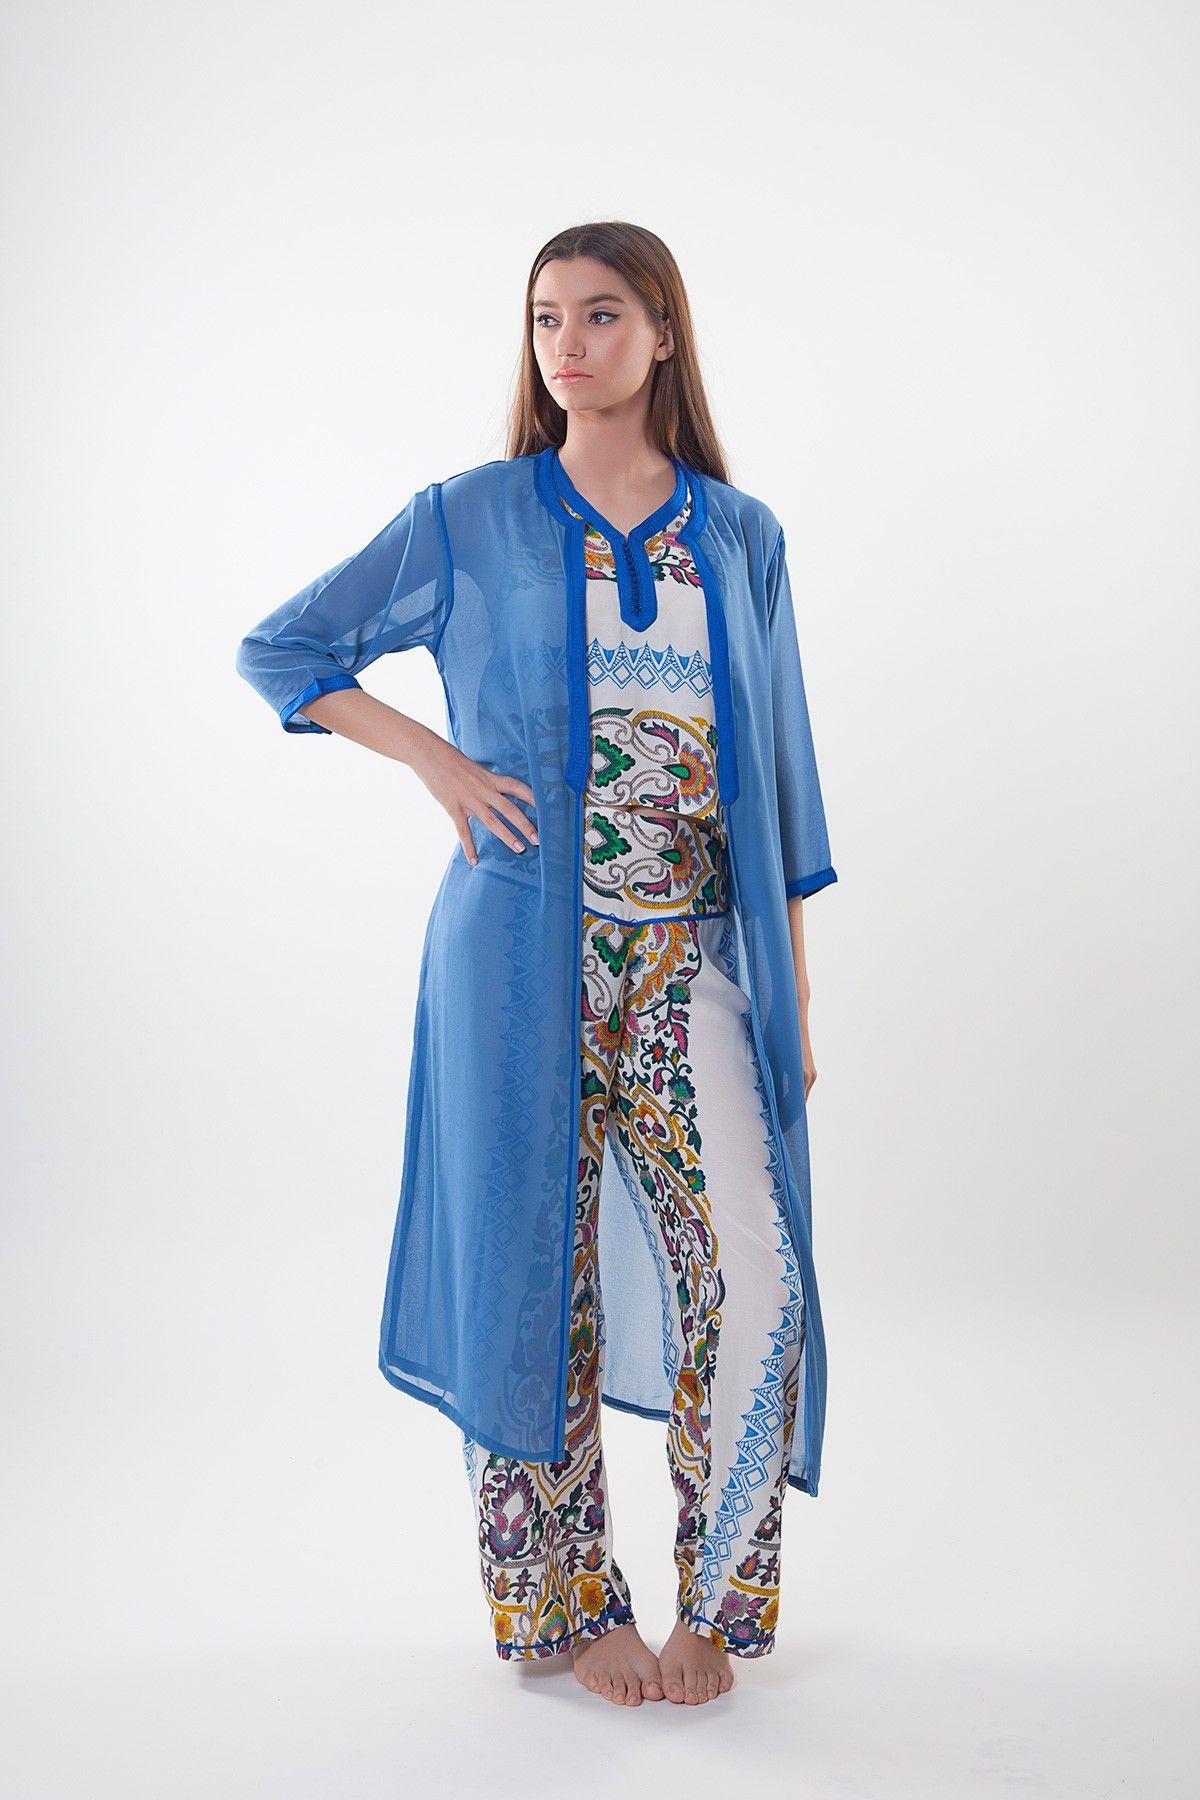 Tunique | kbvn | Pinterest | Short frocks, Pakistani dresses and ...